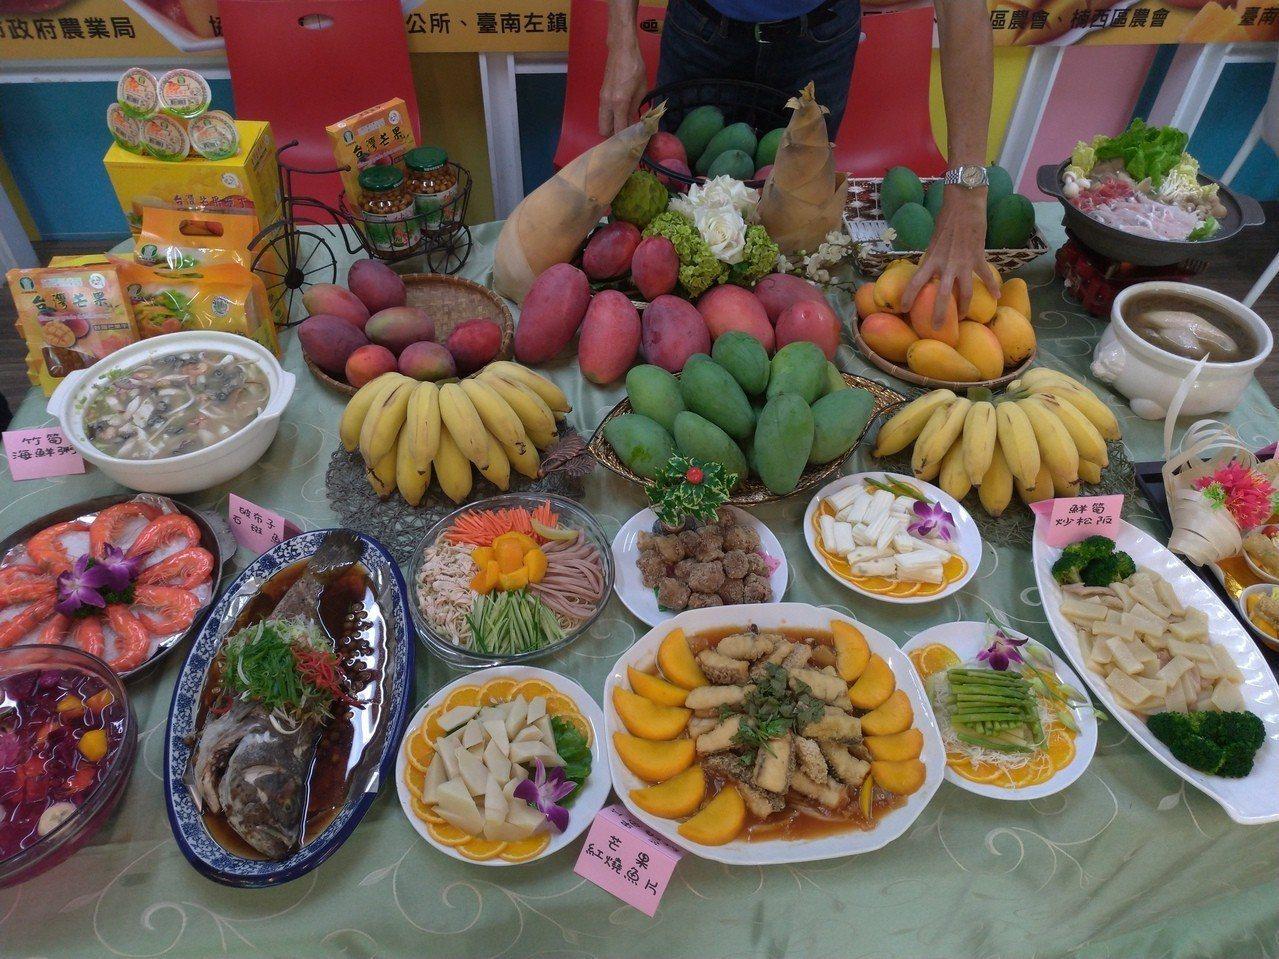 風味餐結合了破布子ˋ芒果等在地農特產。記者陳俞安/攝影